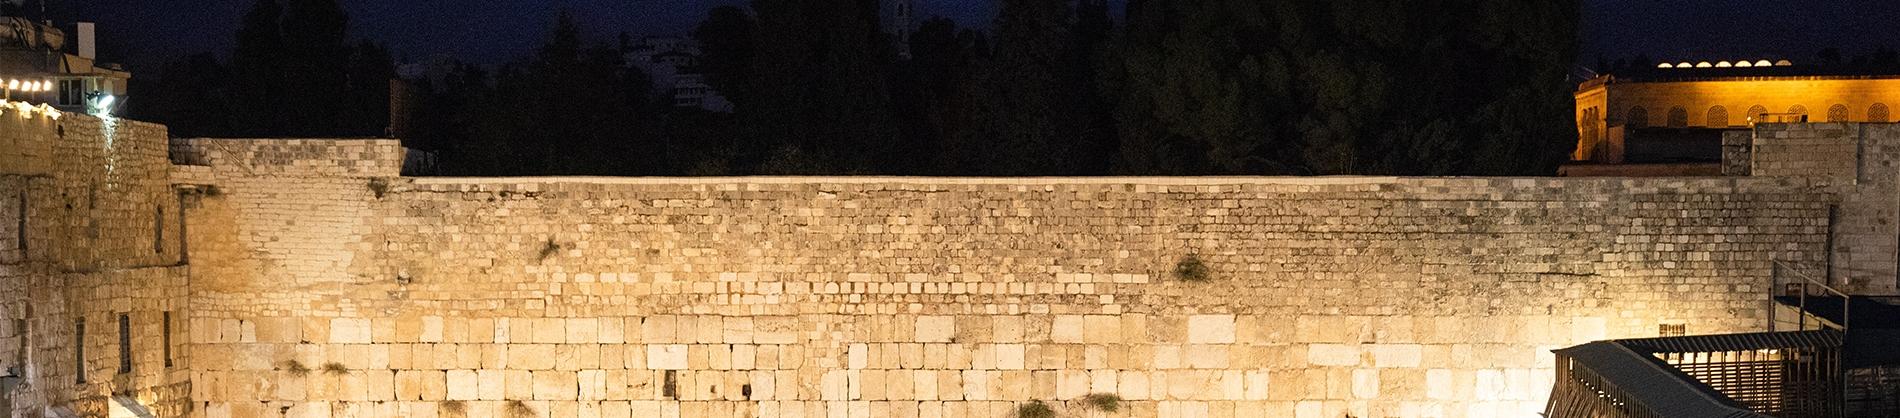 A brick wall in Jerusalem